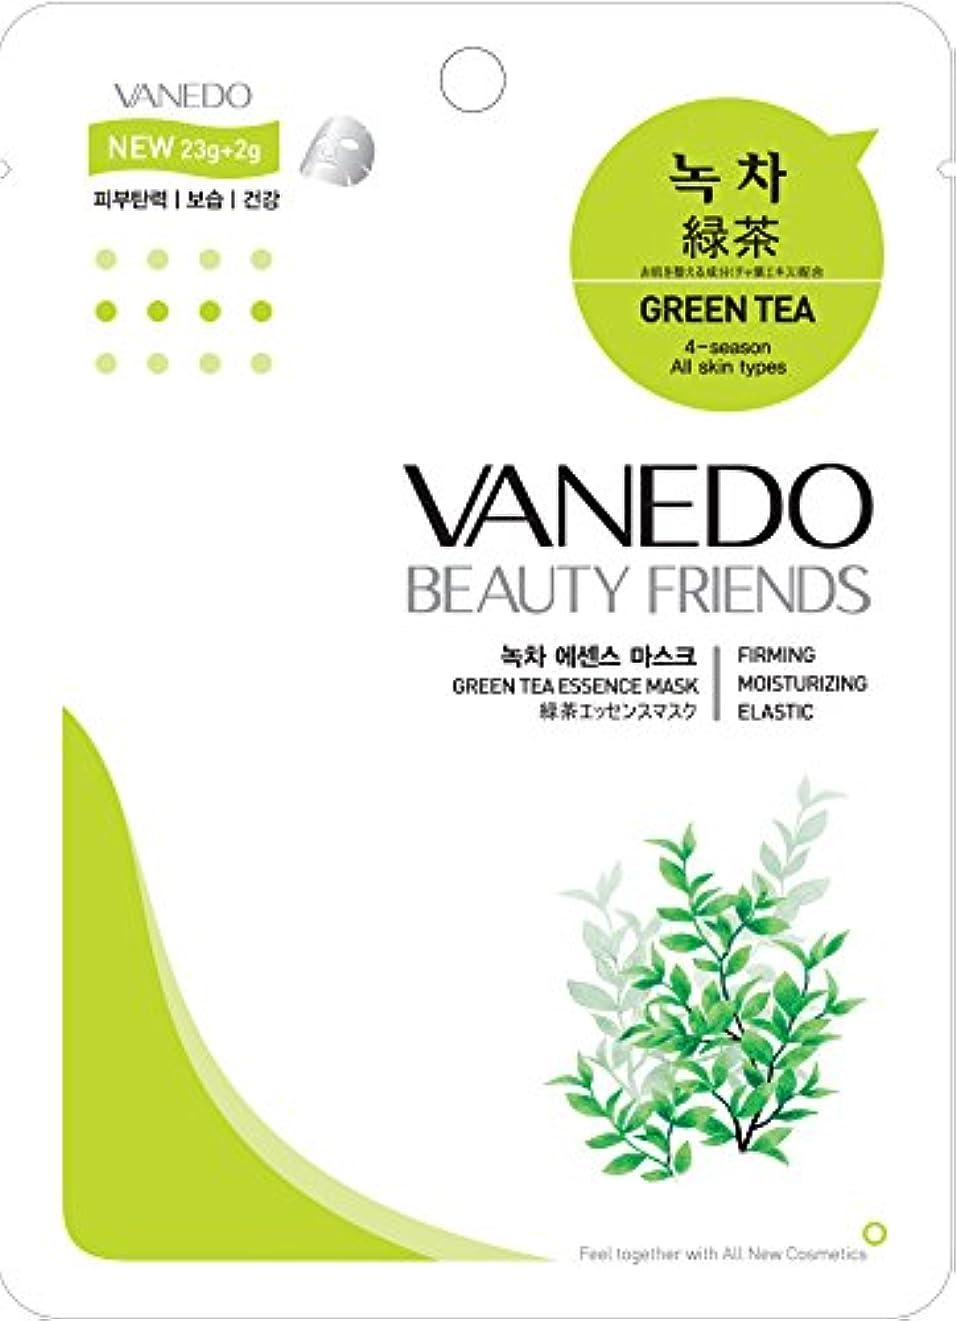 しなやか害虫ディスパッチ【VANEDO】バネド シートマスク 緑茶 10枚セット/エッセンス/保湿/フェイスマスク/フェイスパック/マスクパック/韓国コスメ [メール便]